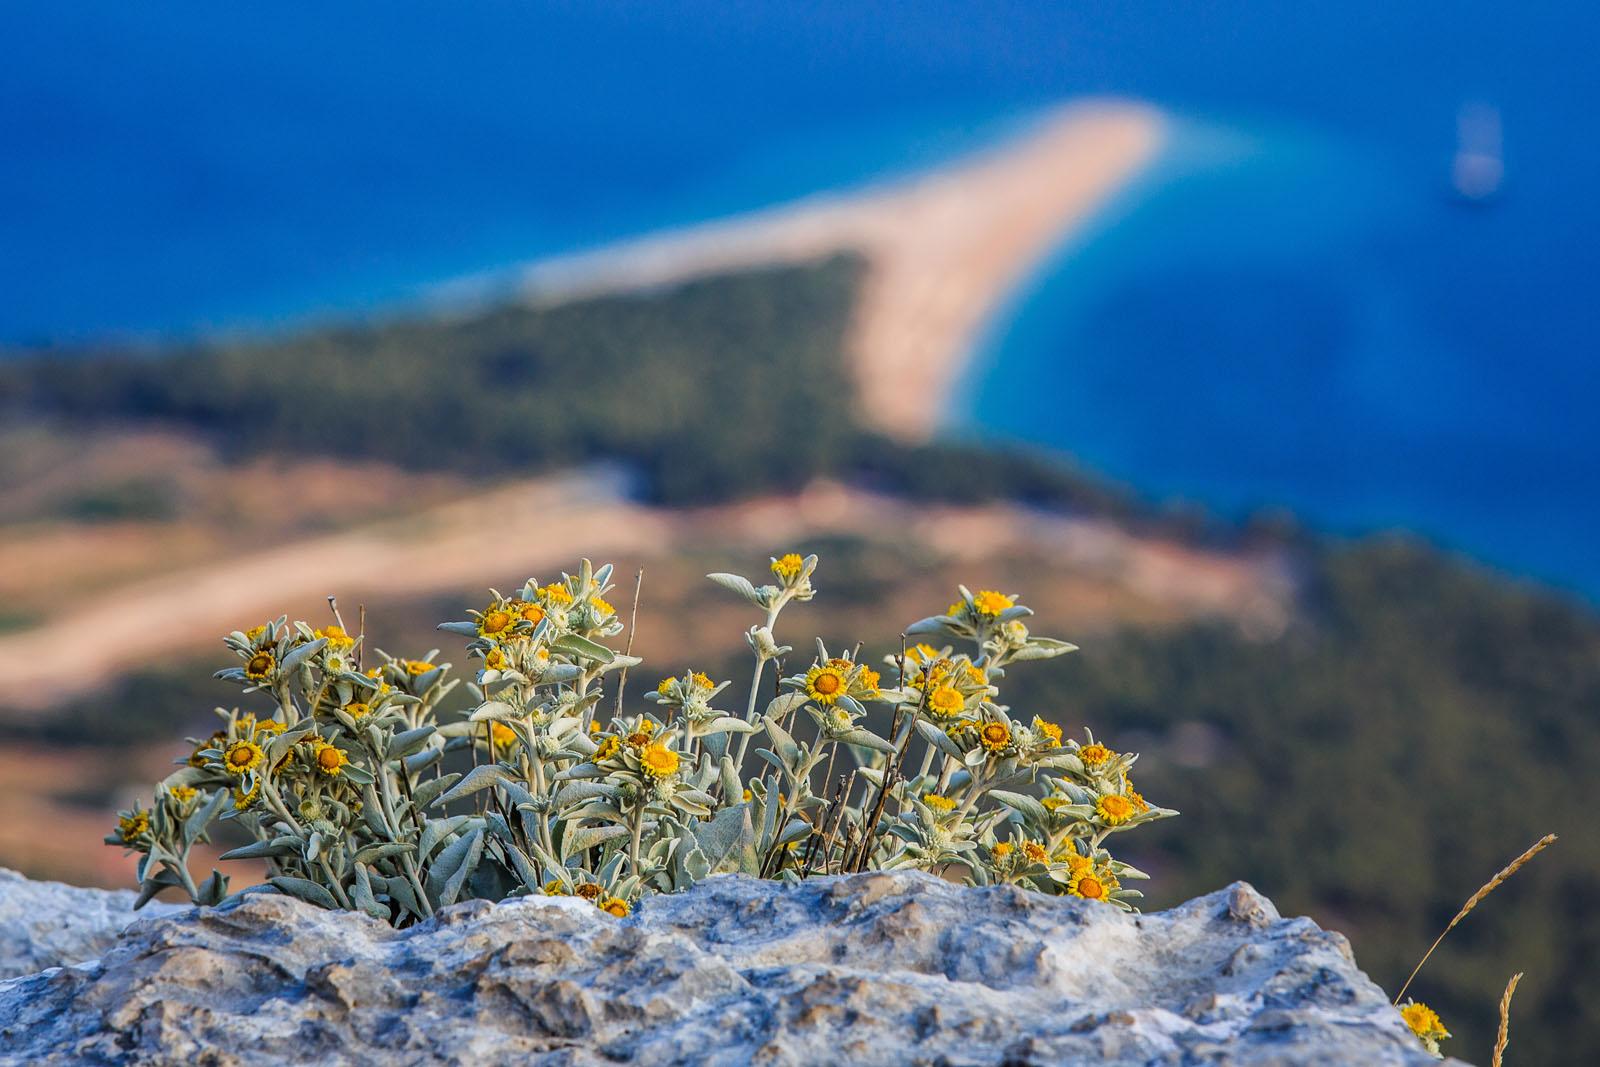 Otok Brac, Vidova Gora, 200713.  Brac je treci otok po povrsini u Jadranskom Moru, te je najvisi otok na Jadranu sa vrhom 778m/nm. Otok posjeduje i jednu od najpoznatihih plaza u svijetu Zlatni Rat.   Na fotografiji: Panorama Zlatnog Rata i Bola sa Vidove Gore.  Foto: Zvonimir Barisin / CROPIX